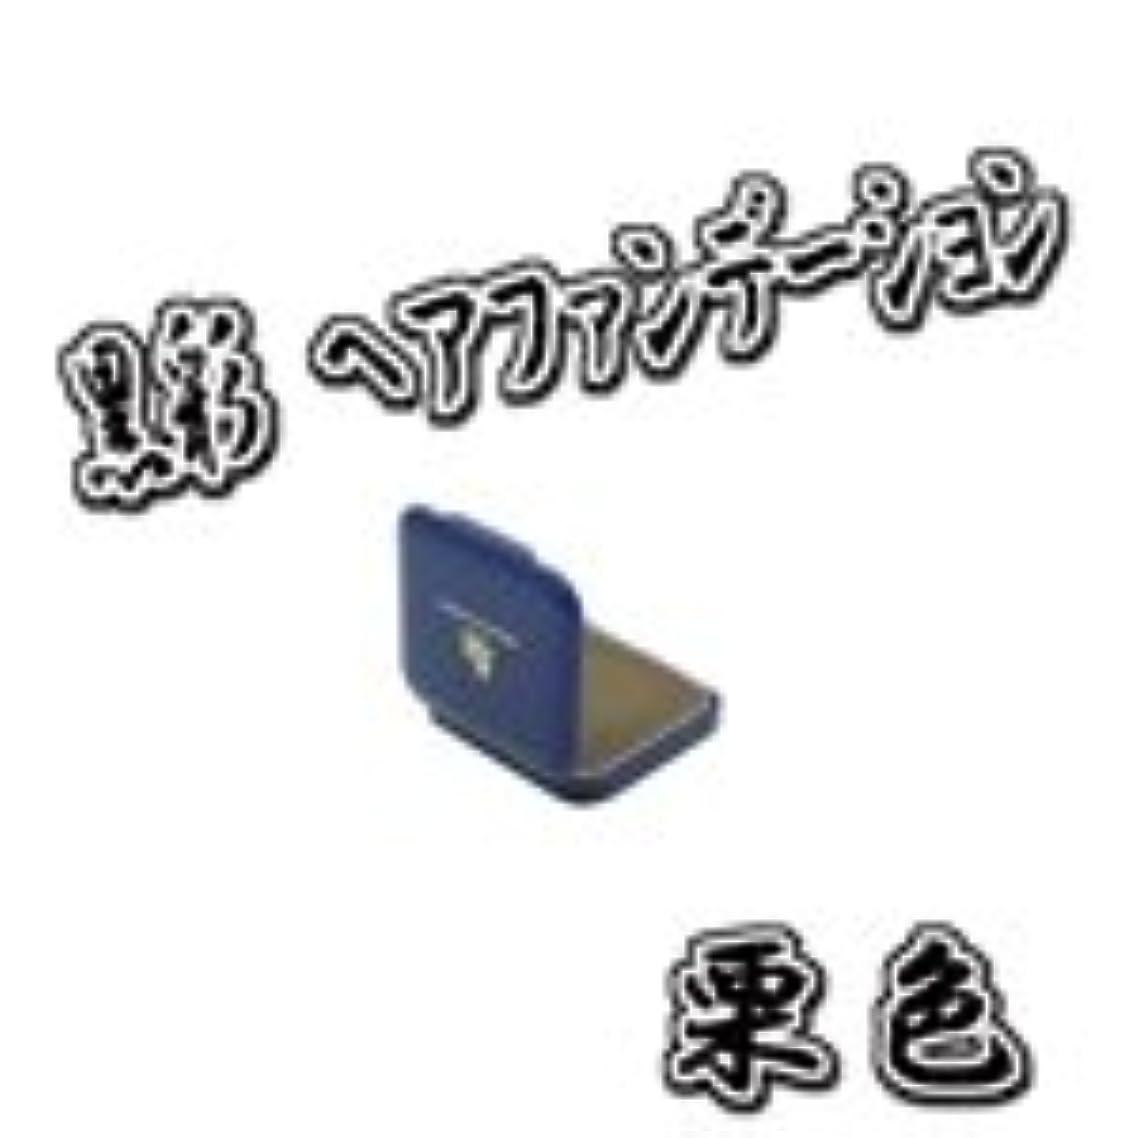 概要イノセンスご近所AMOROS アモロス 黒彩 ヘアファンデーション 【栗】 13g ミニケース パフ付